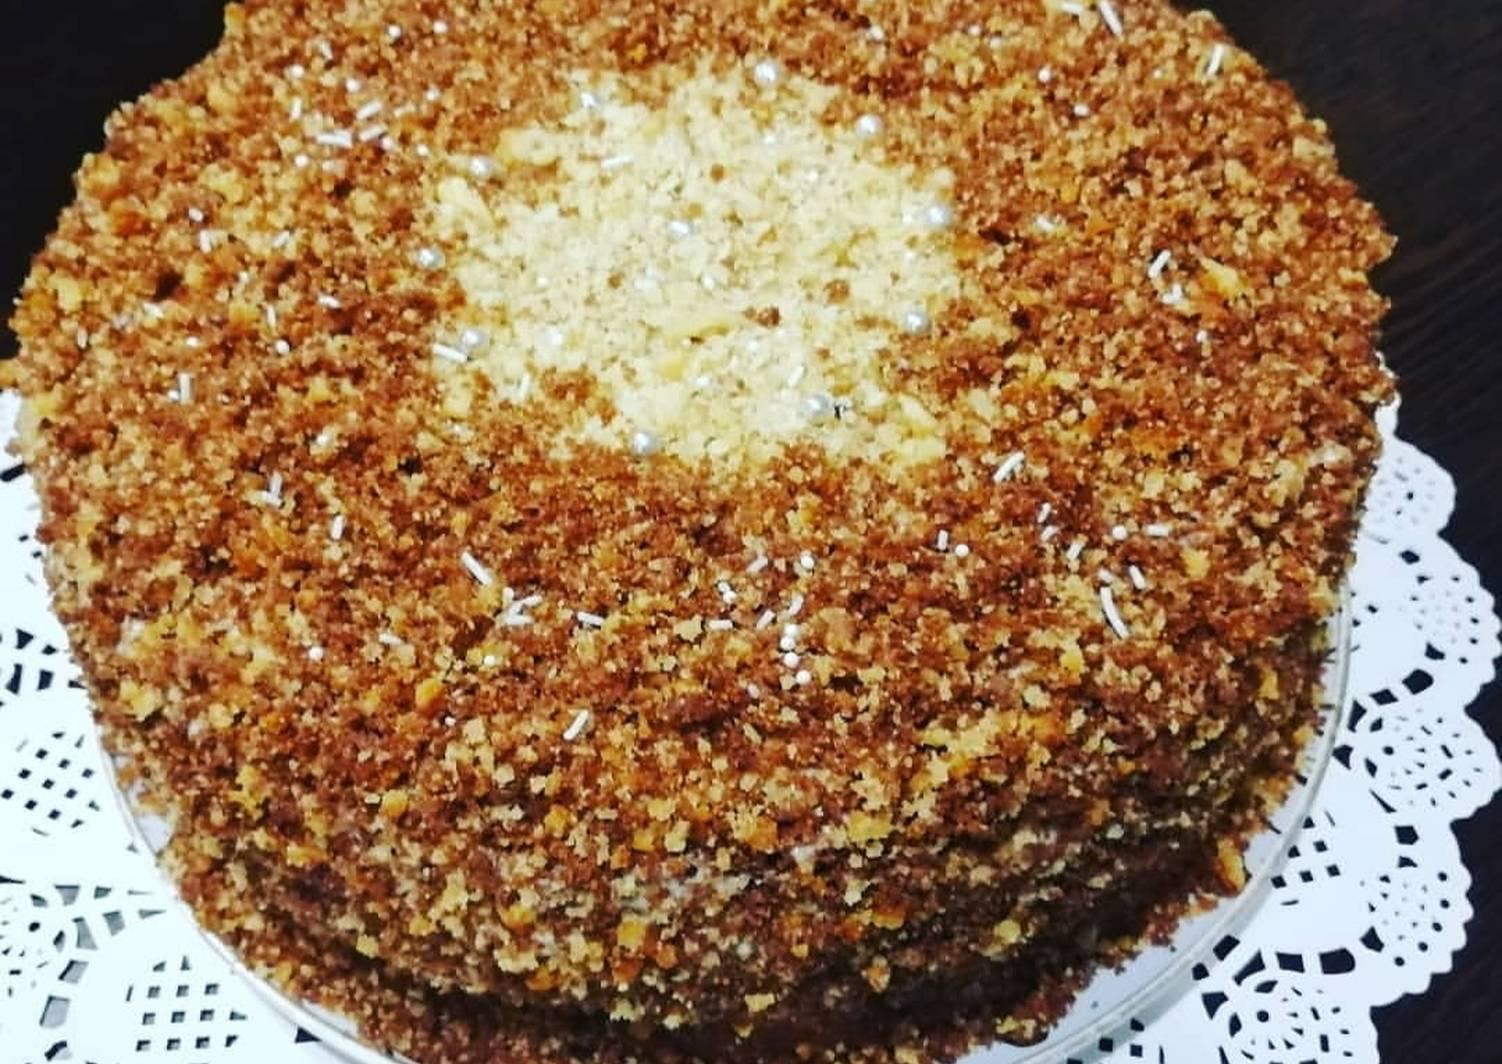 выжла это генерал торт классический рецепт с фото вариант